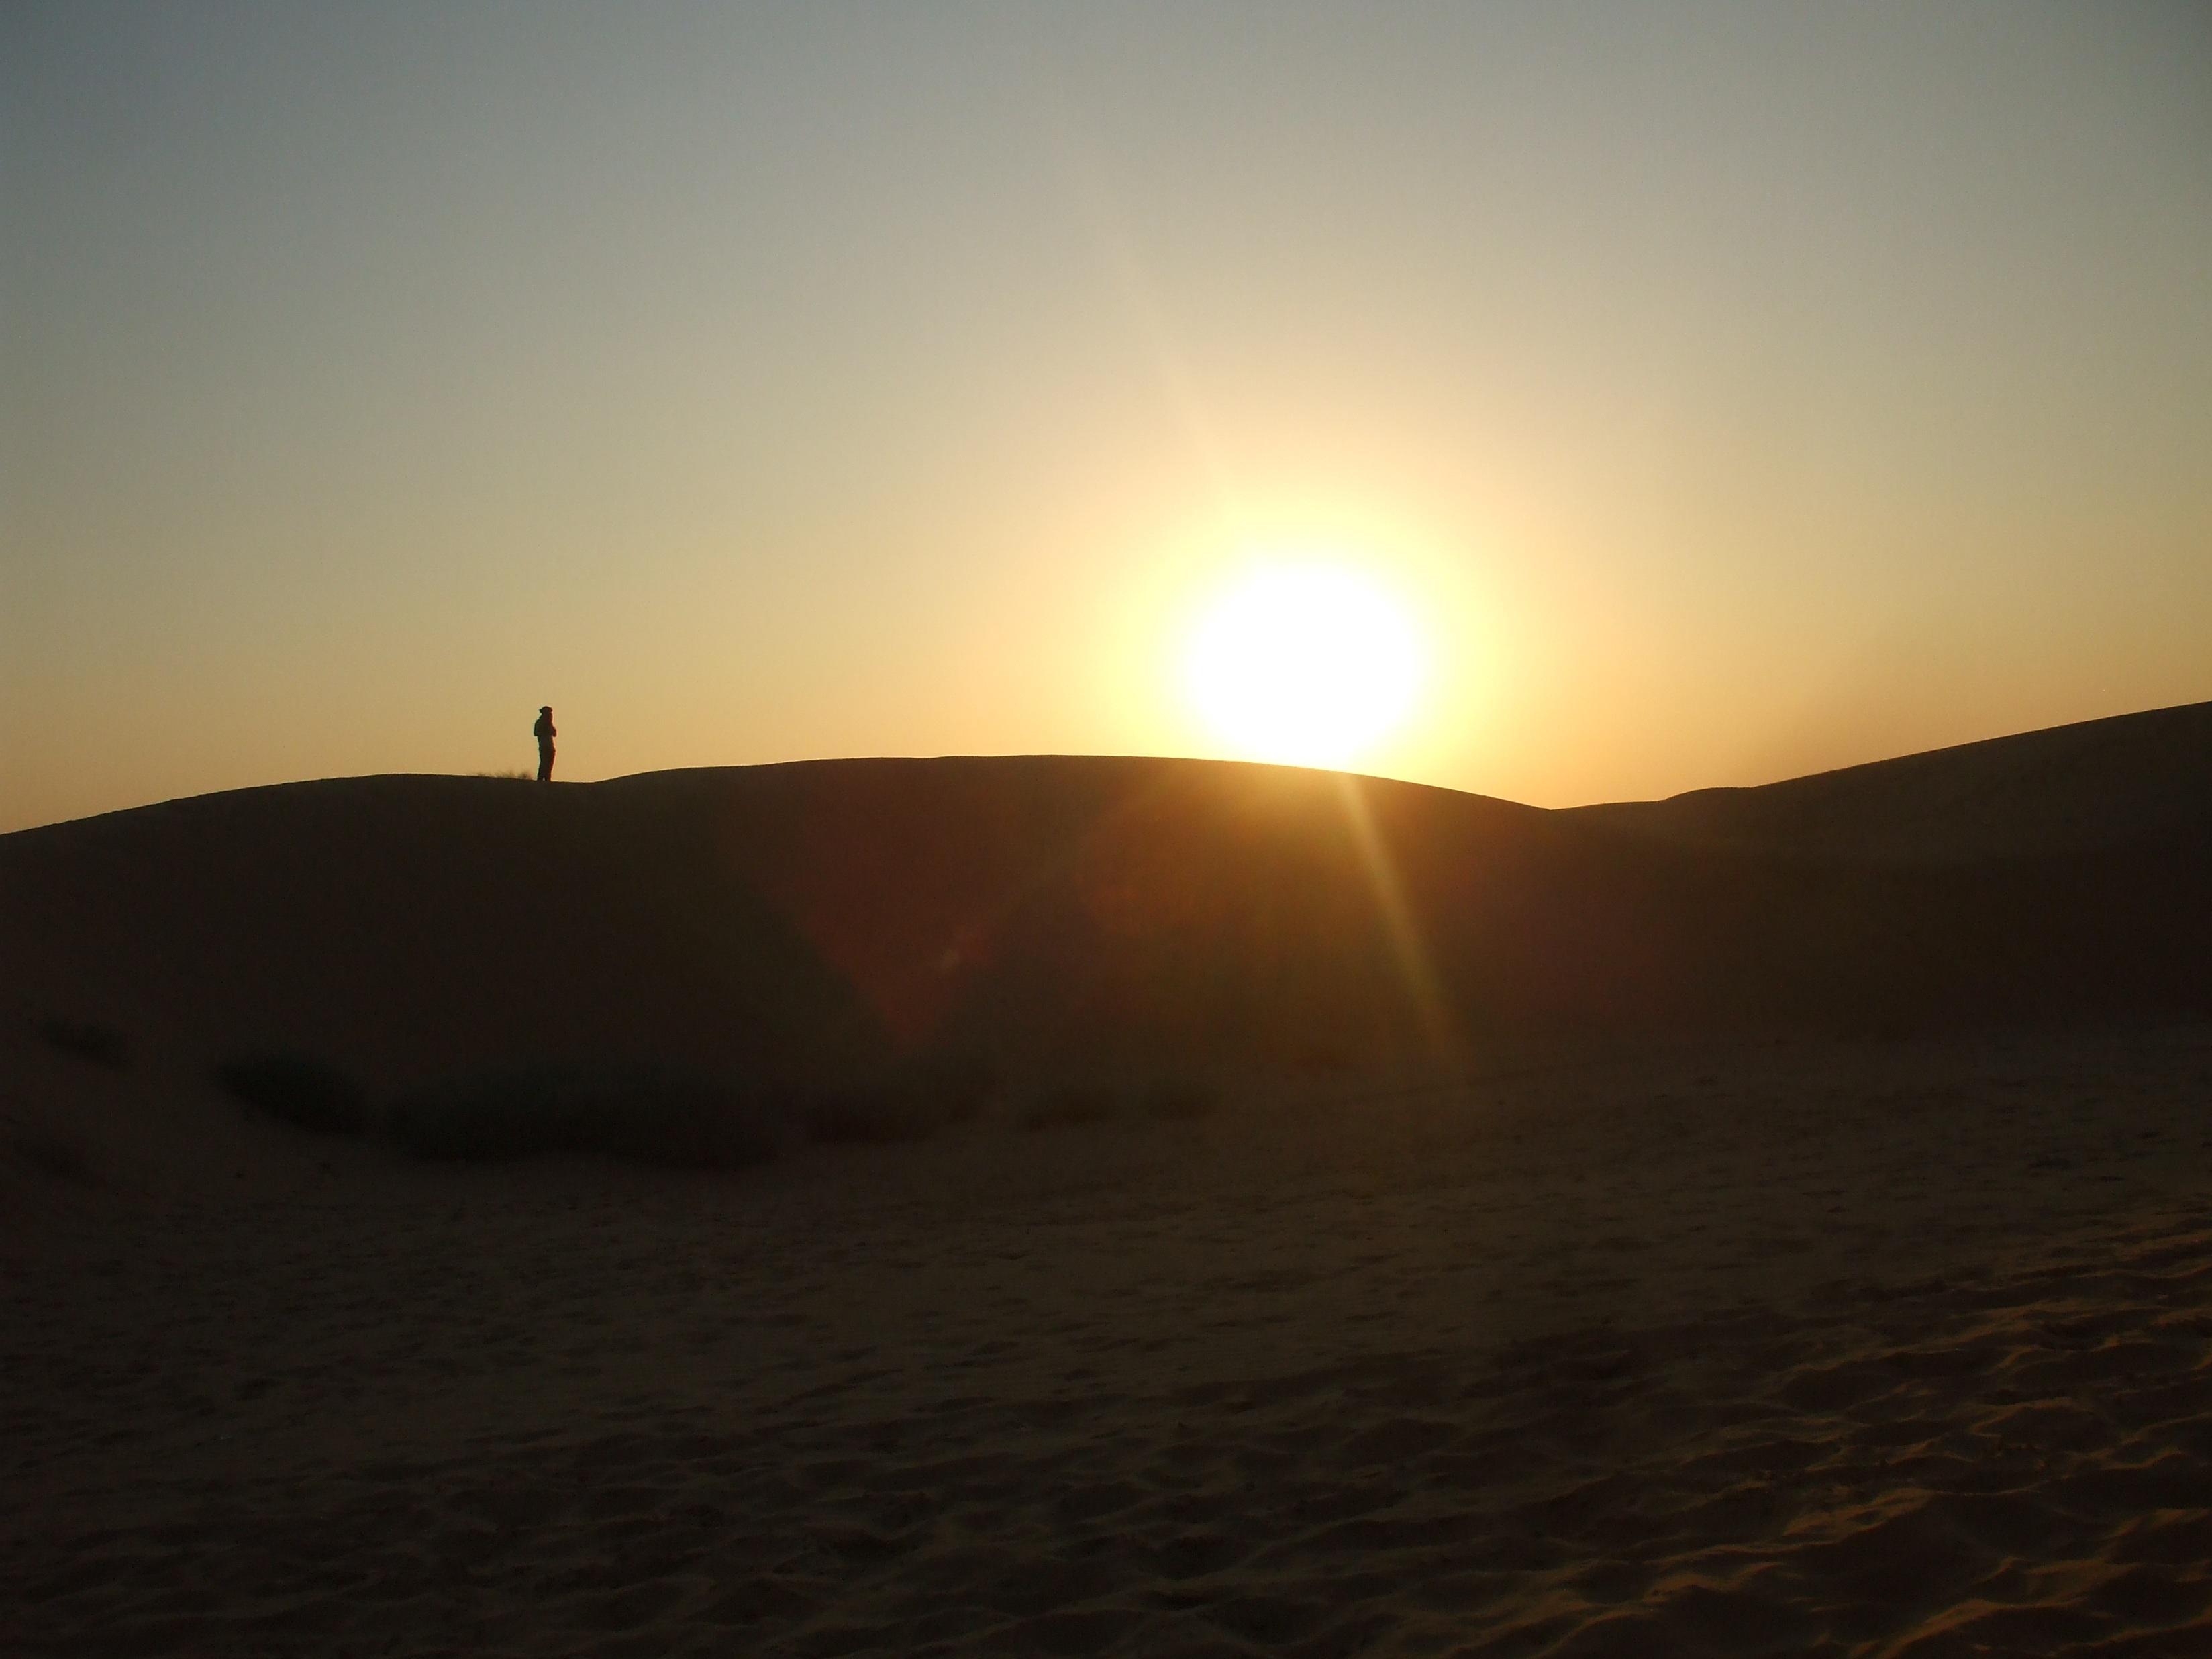 было фотографии восхода солнца в пустыне освоения